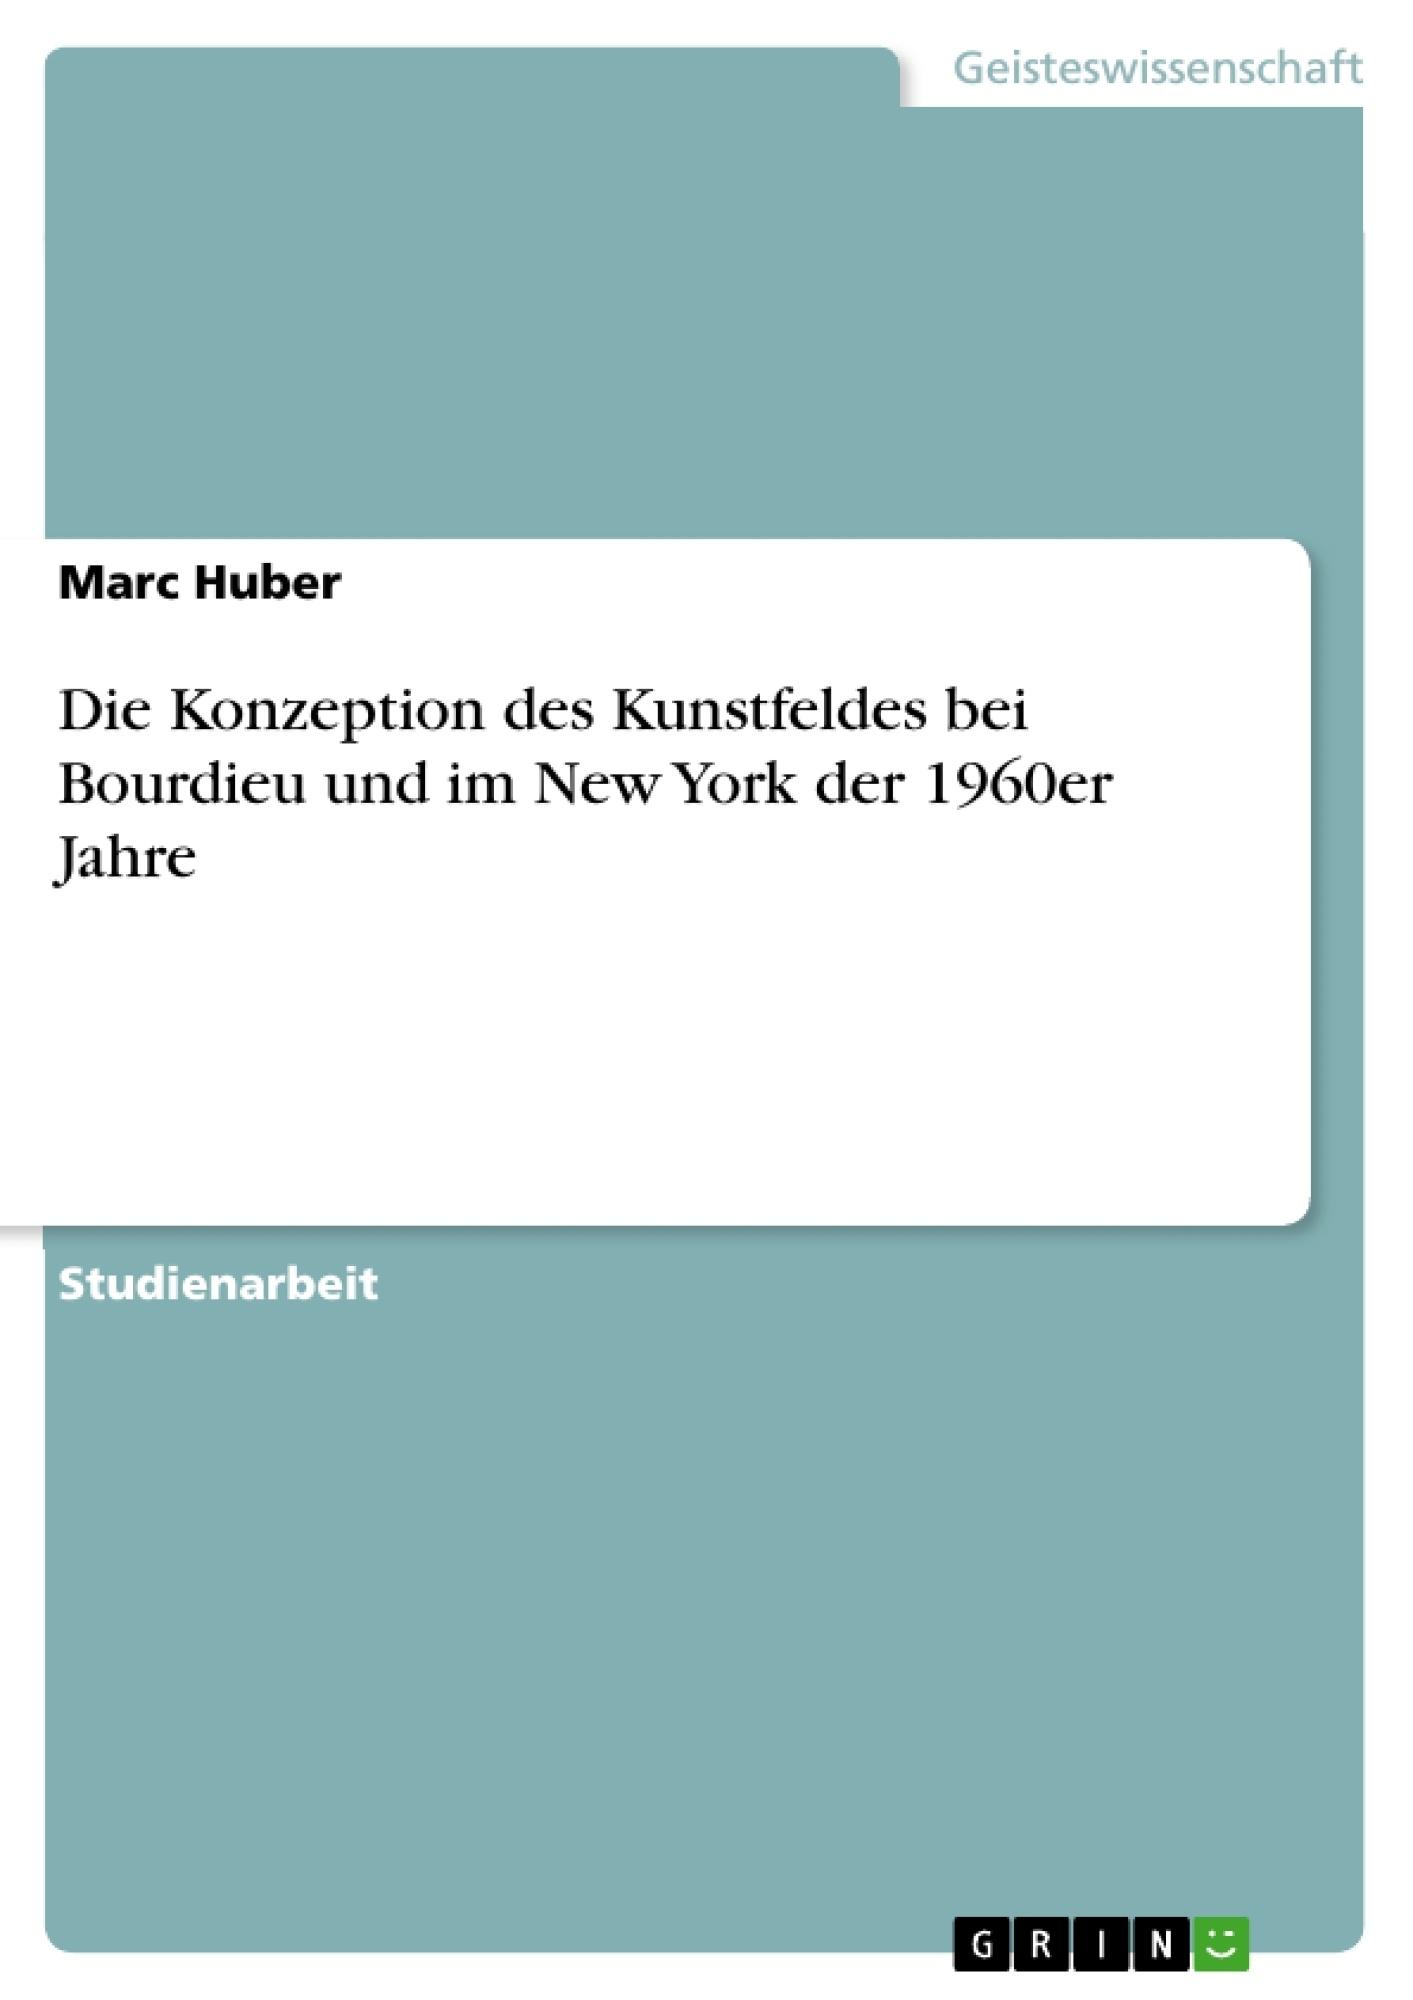 Titel: Die Konzeption des Kunstfeldes bei Bourdieu und im New York der 1960er Jahre